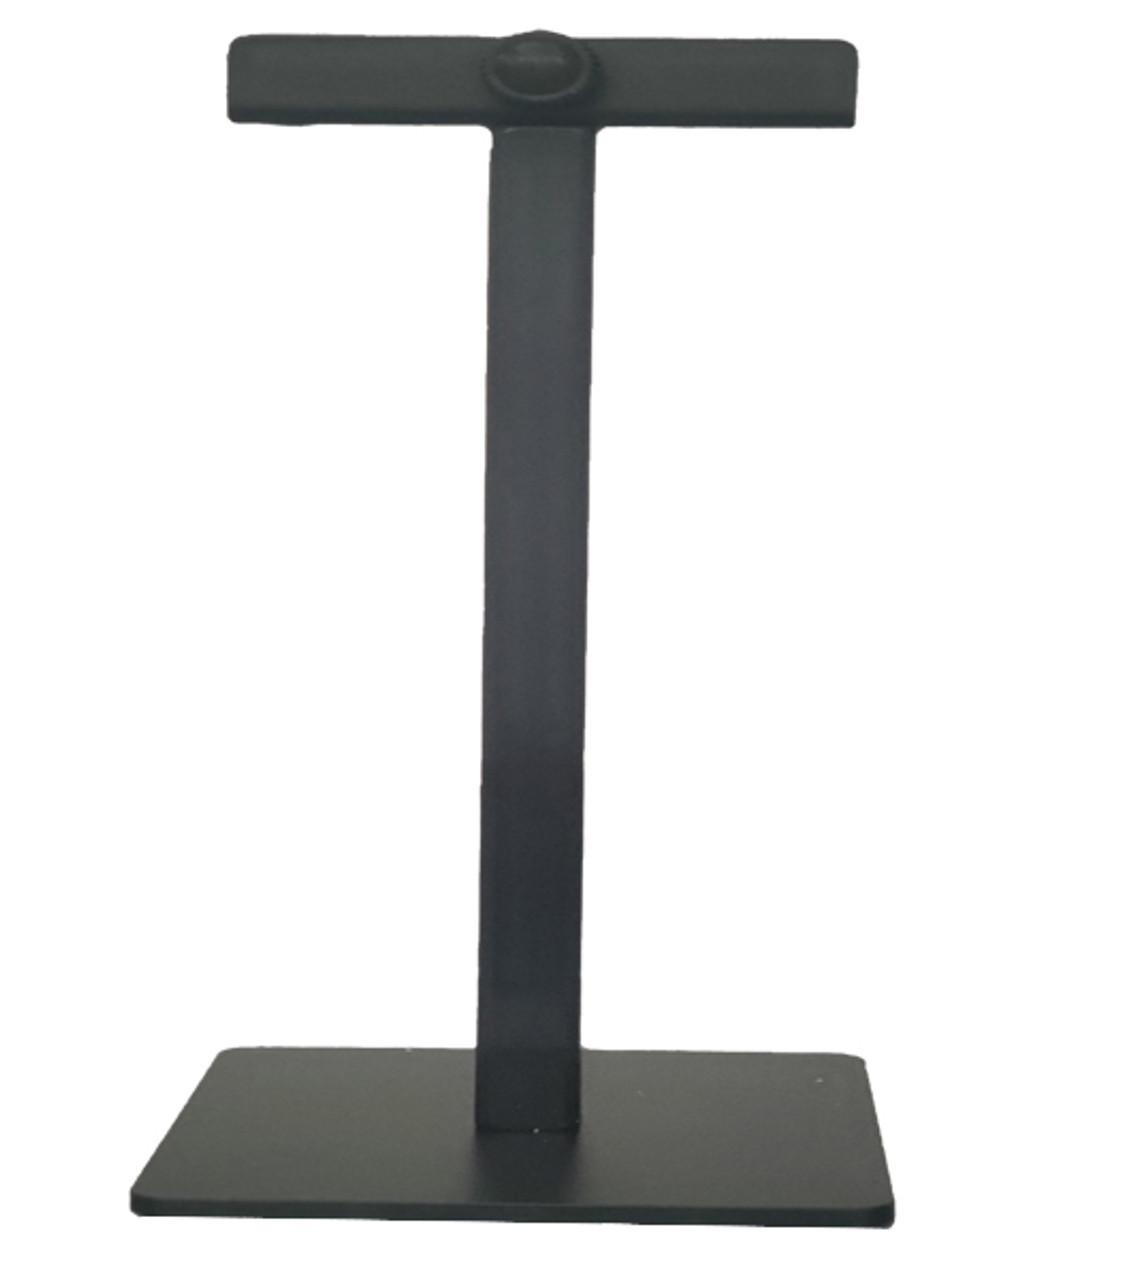 Metal Pedestal Table top Sign Holder